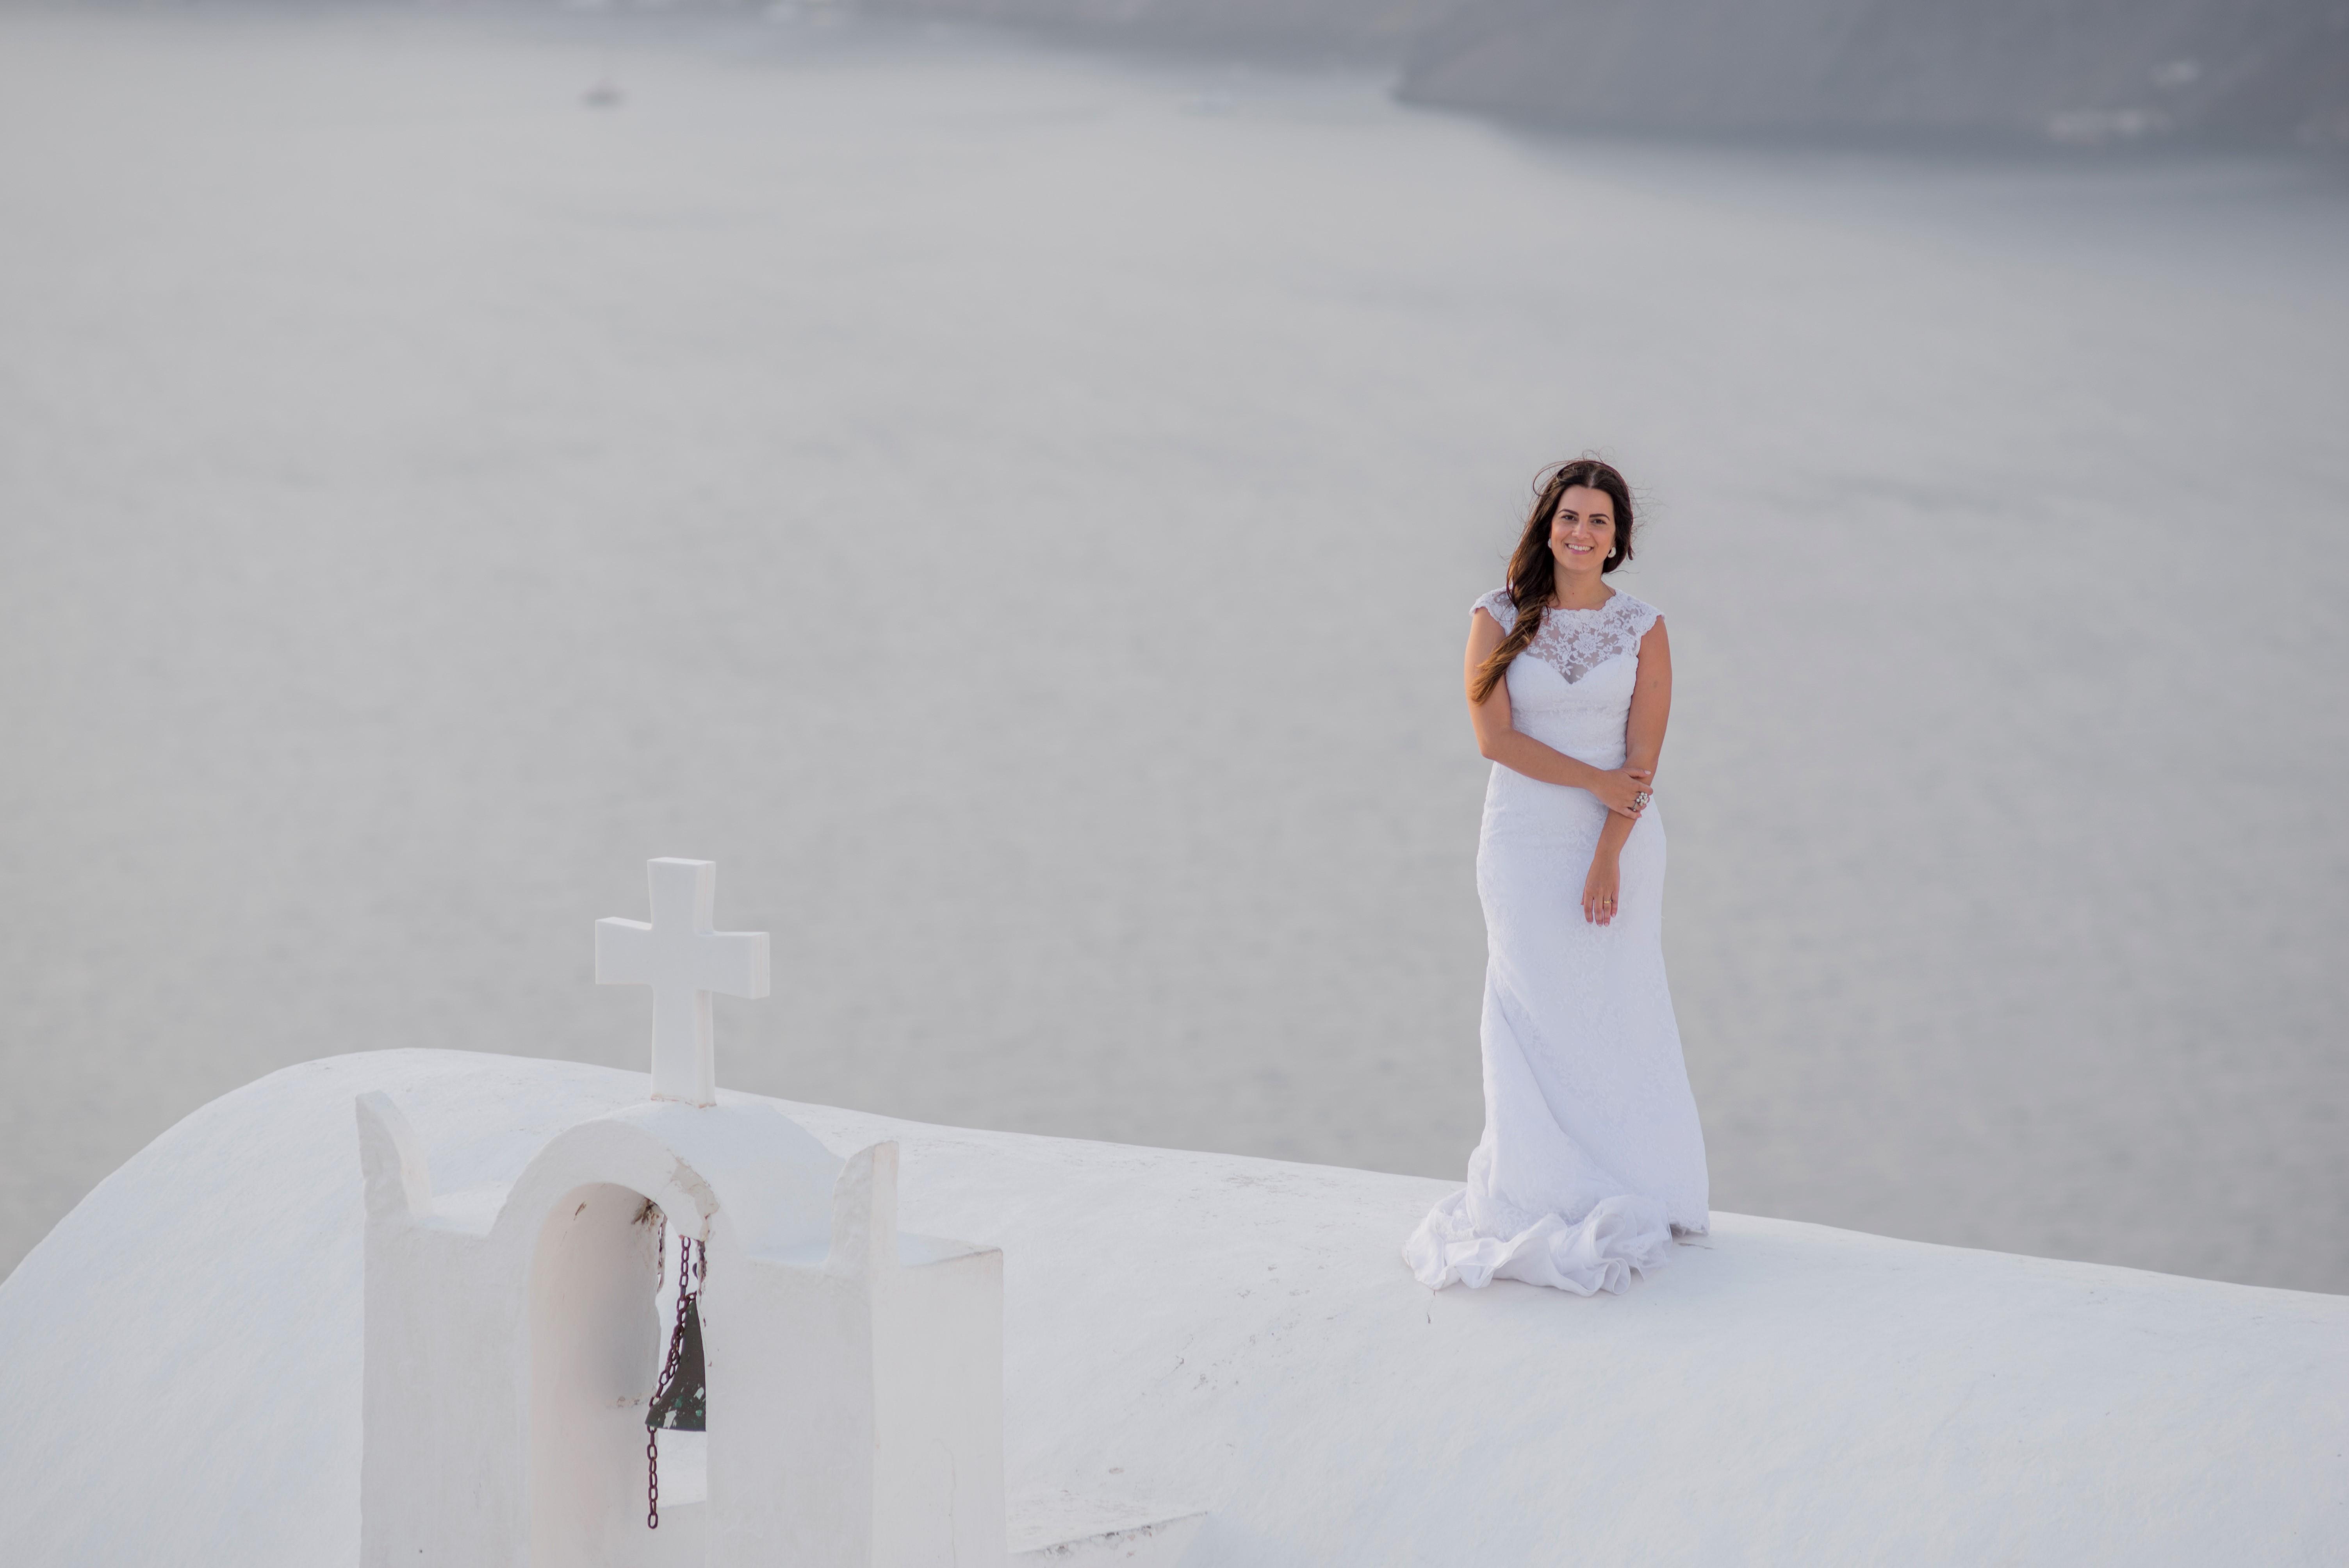 Casamento em Santorini ensaio de noiva Santorini fotos casamento em Santorini